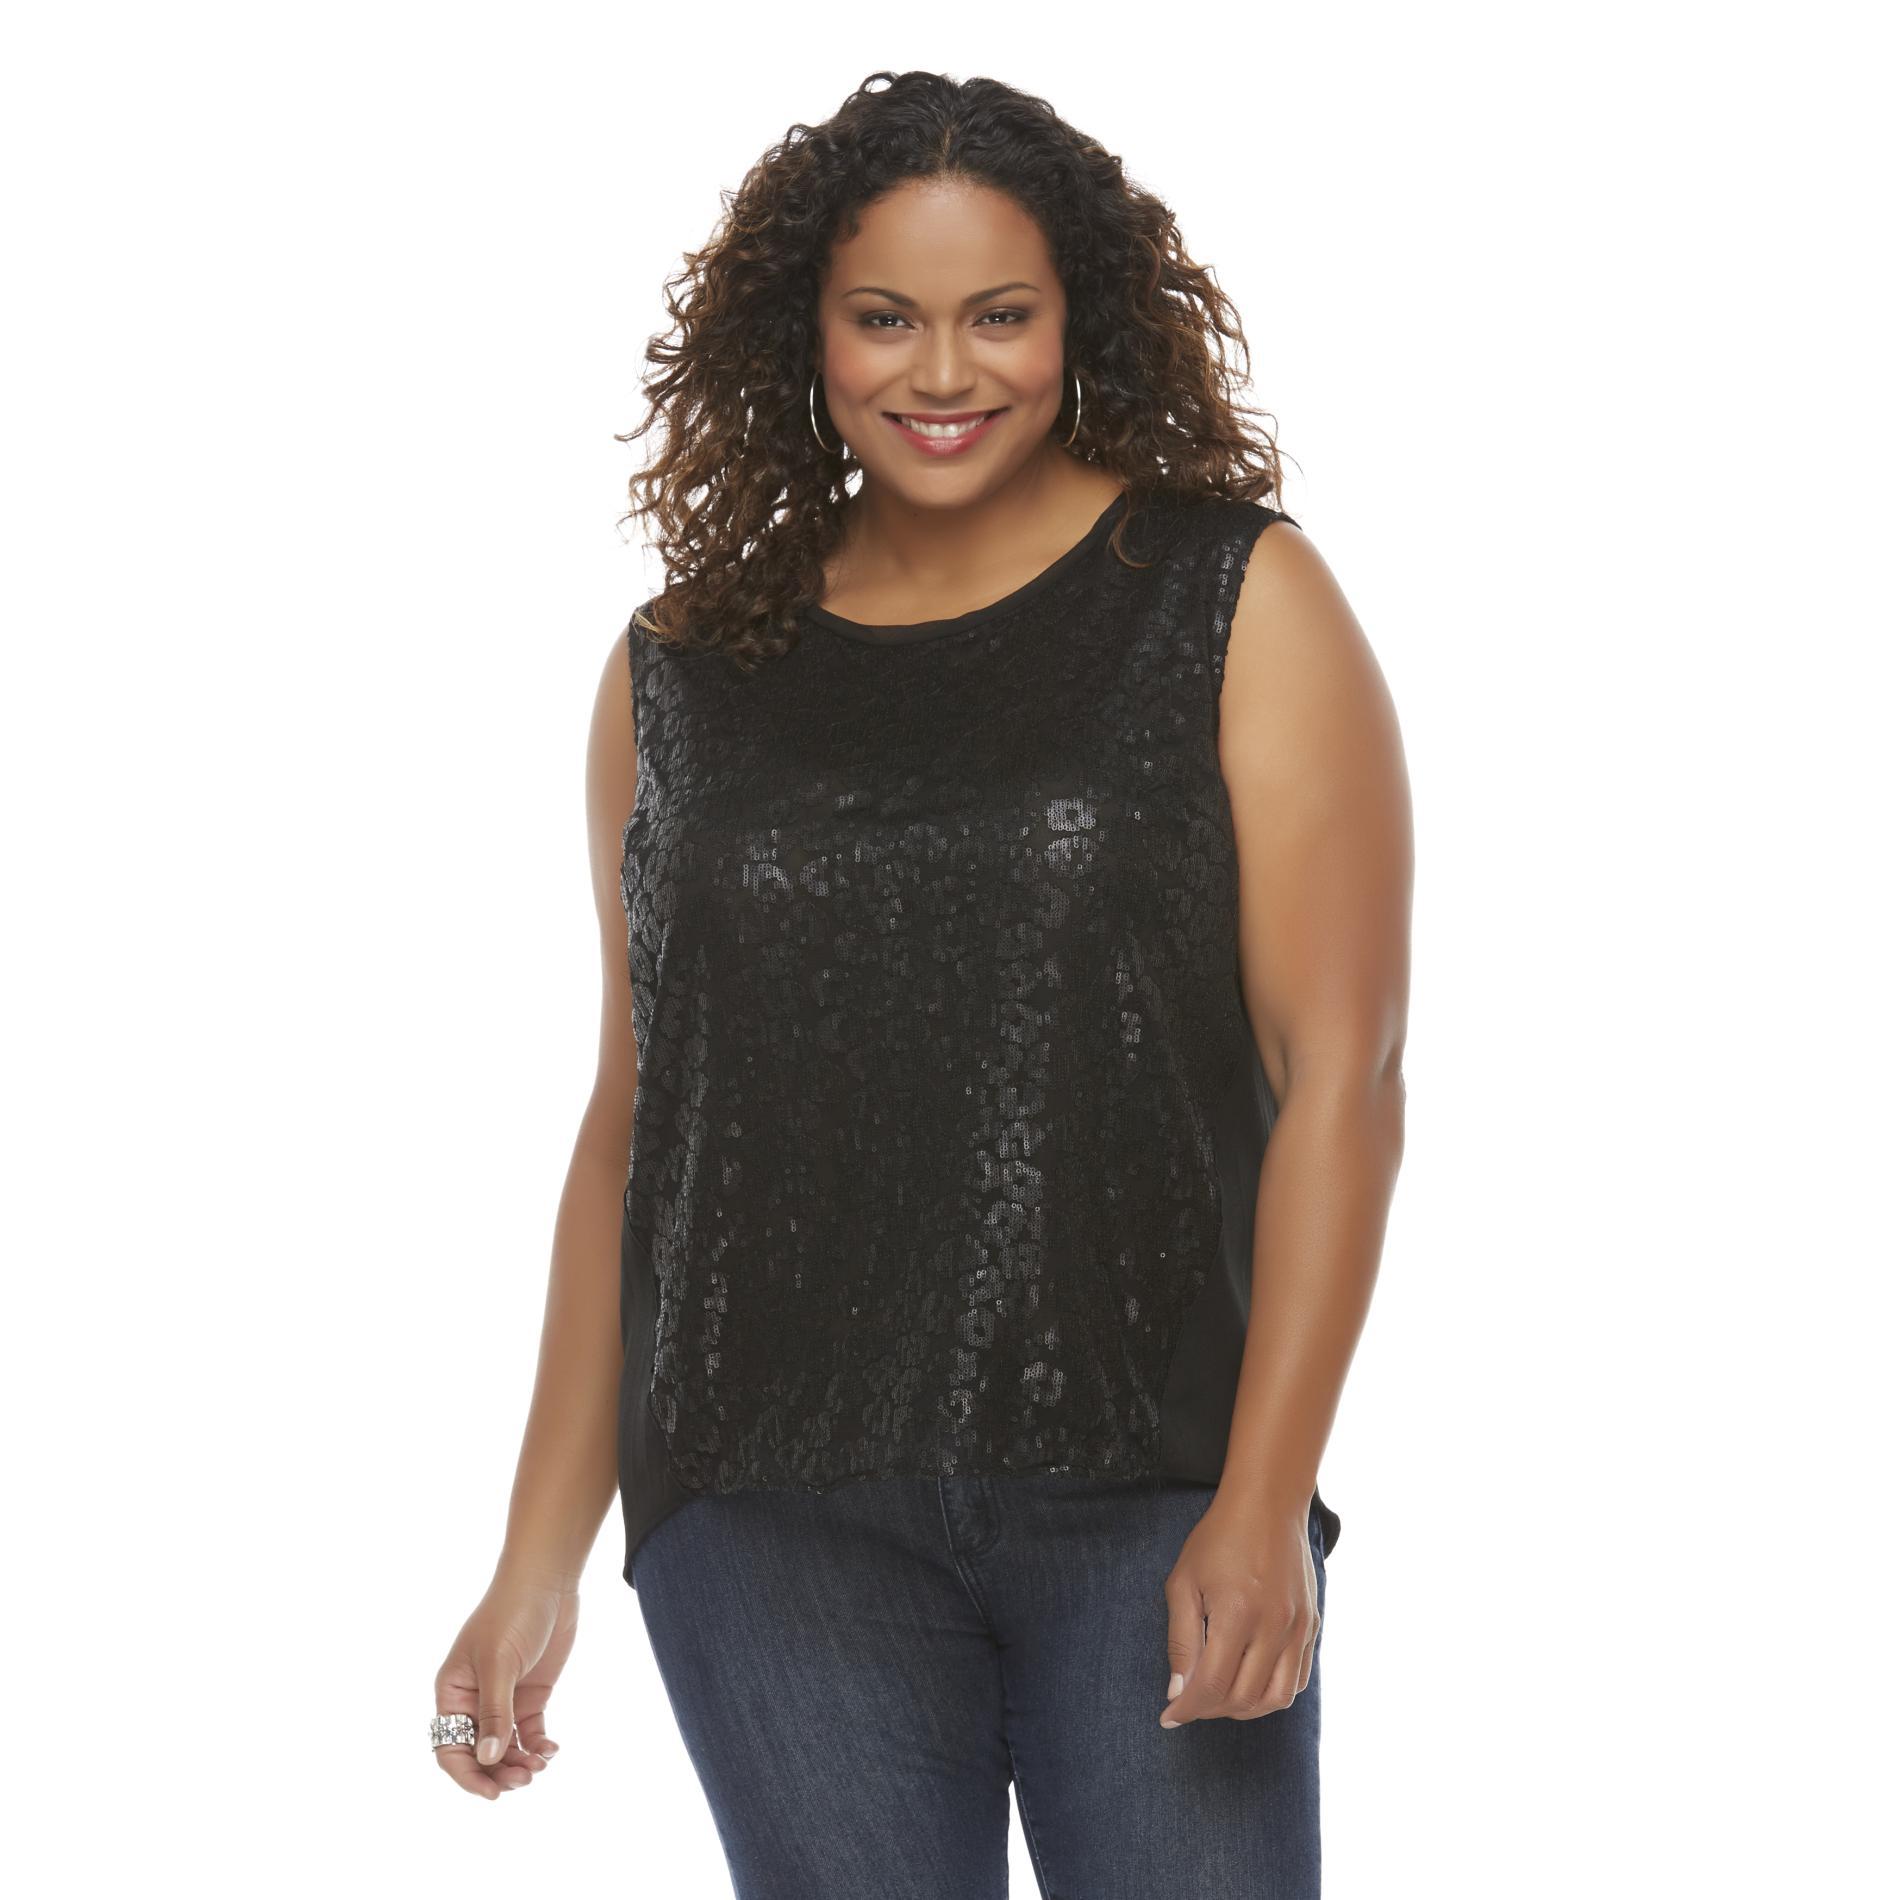 Covington Women's Plus Sequin Tank Top - Leopard Print